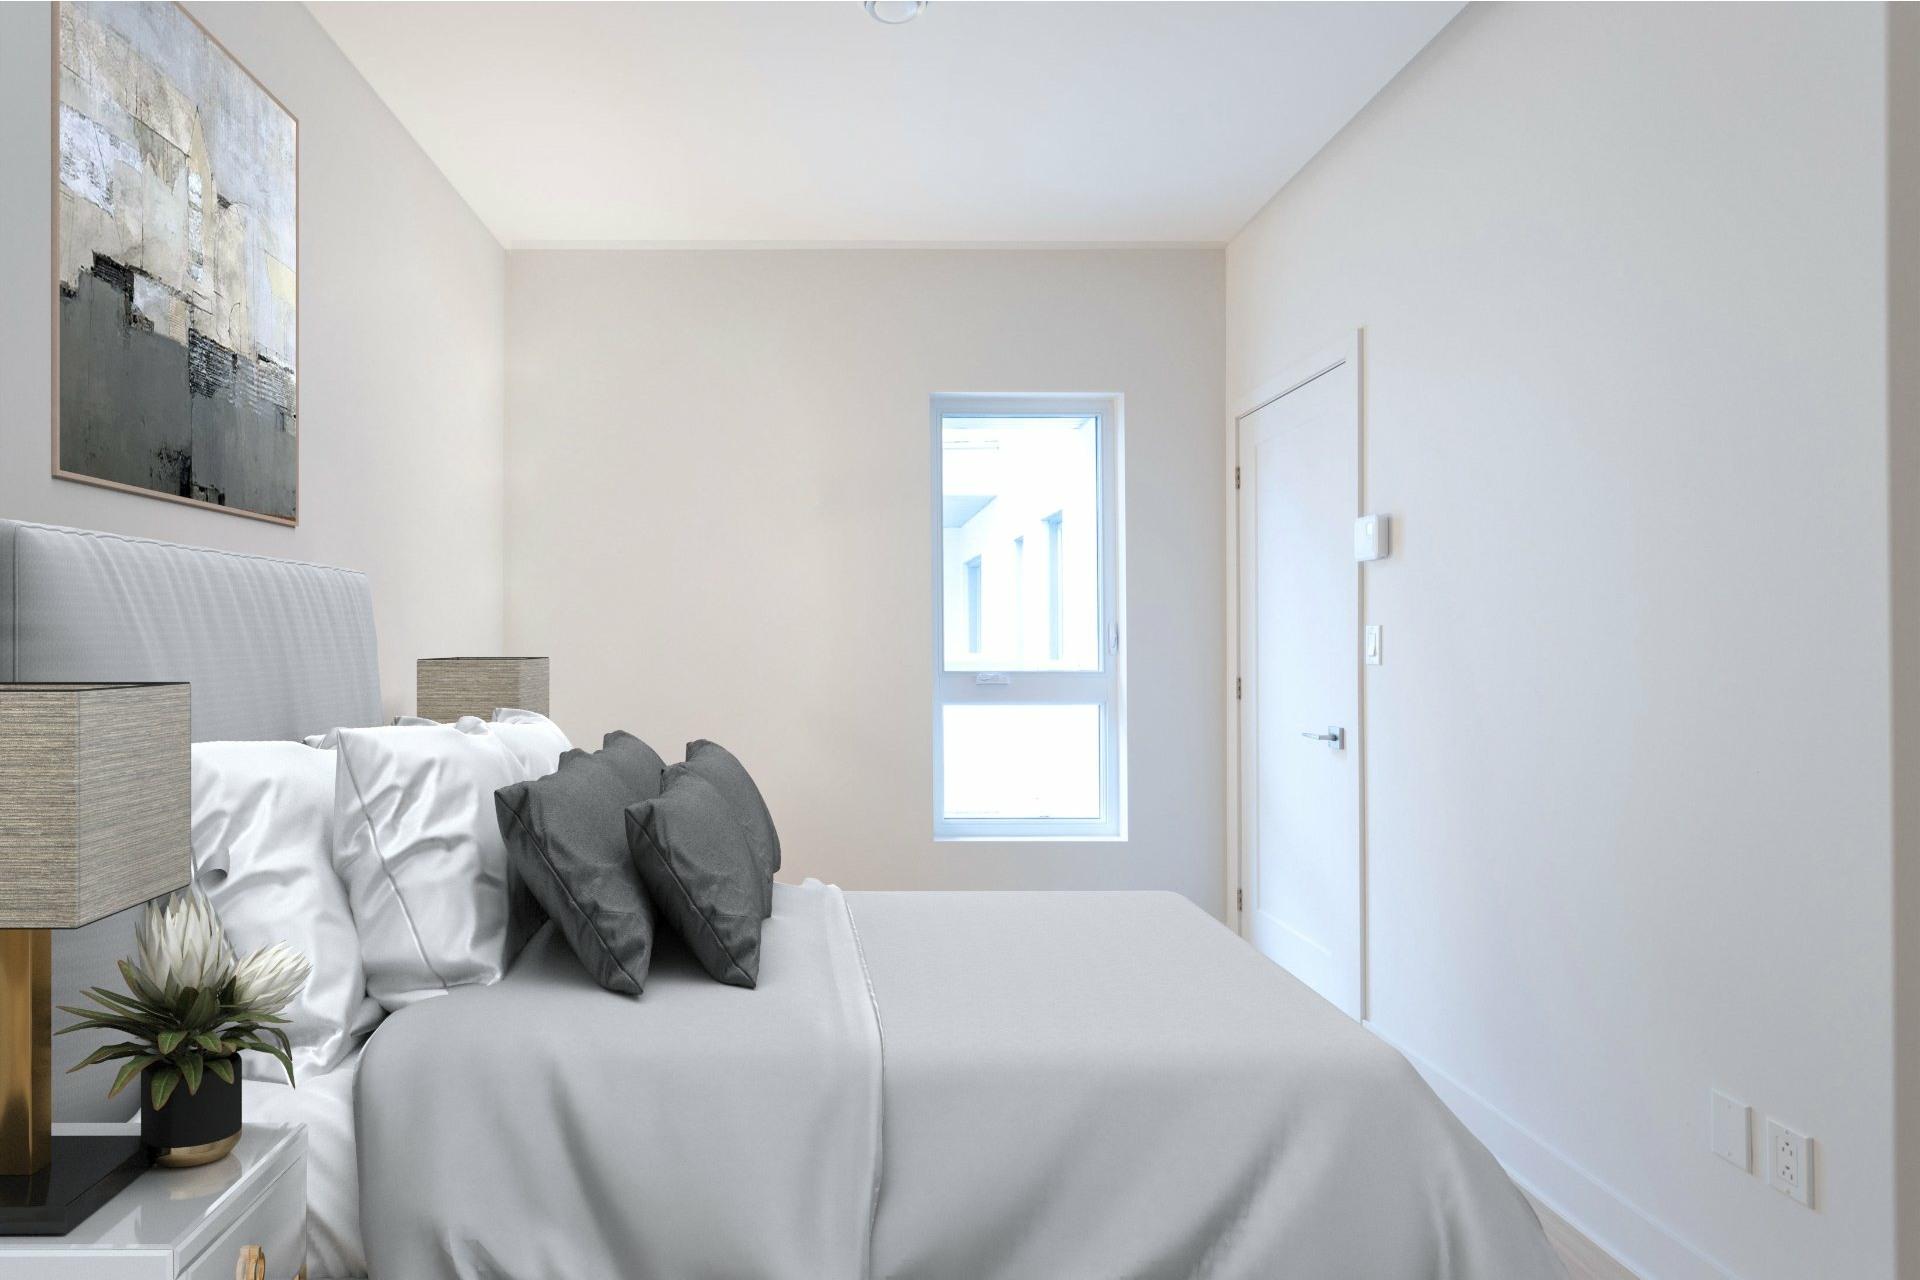 image 5 - Apartment For sale Rosemont/La Petite-Patrie Montréal  - 5 rooms